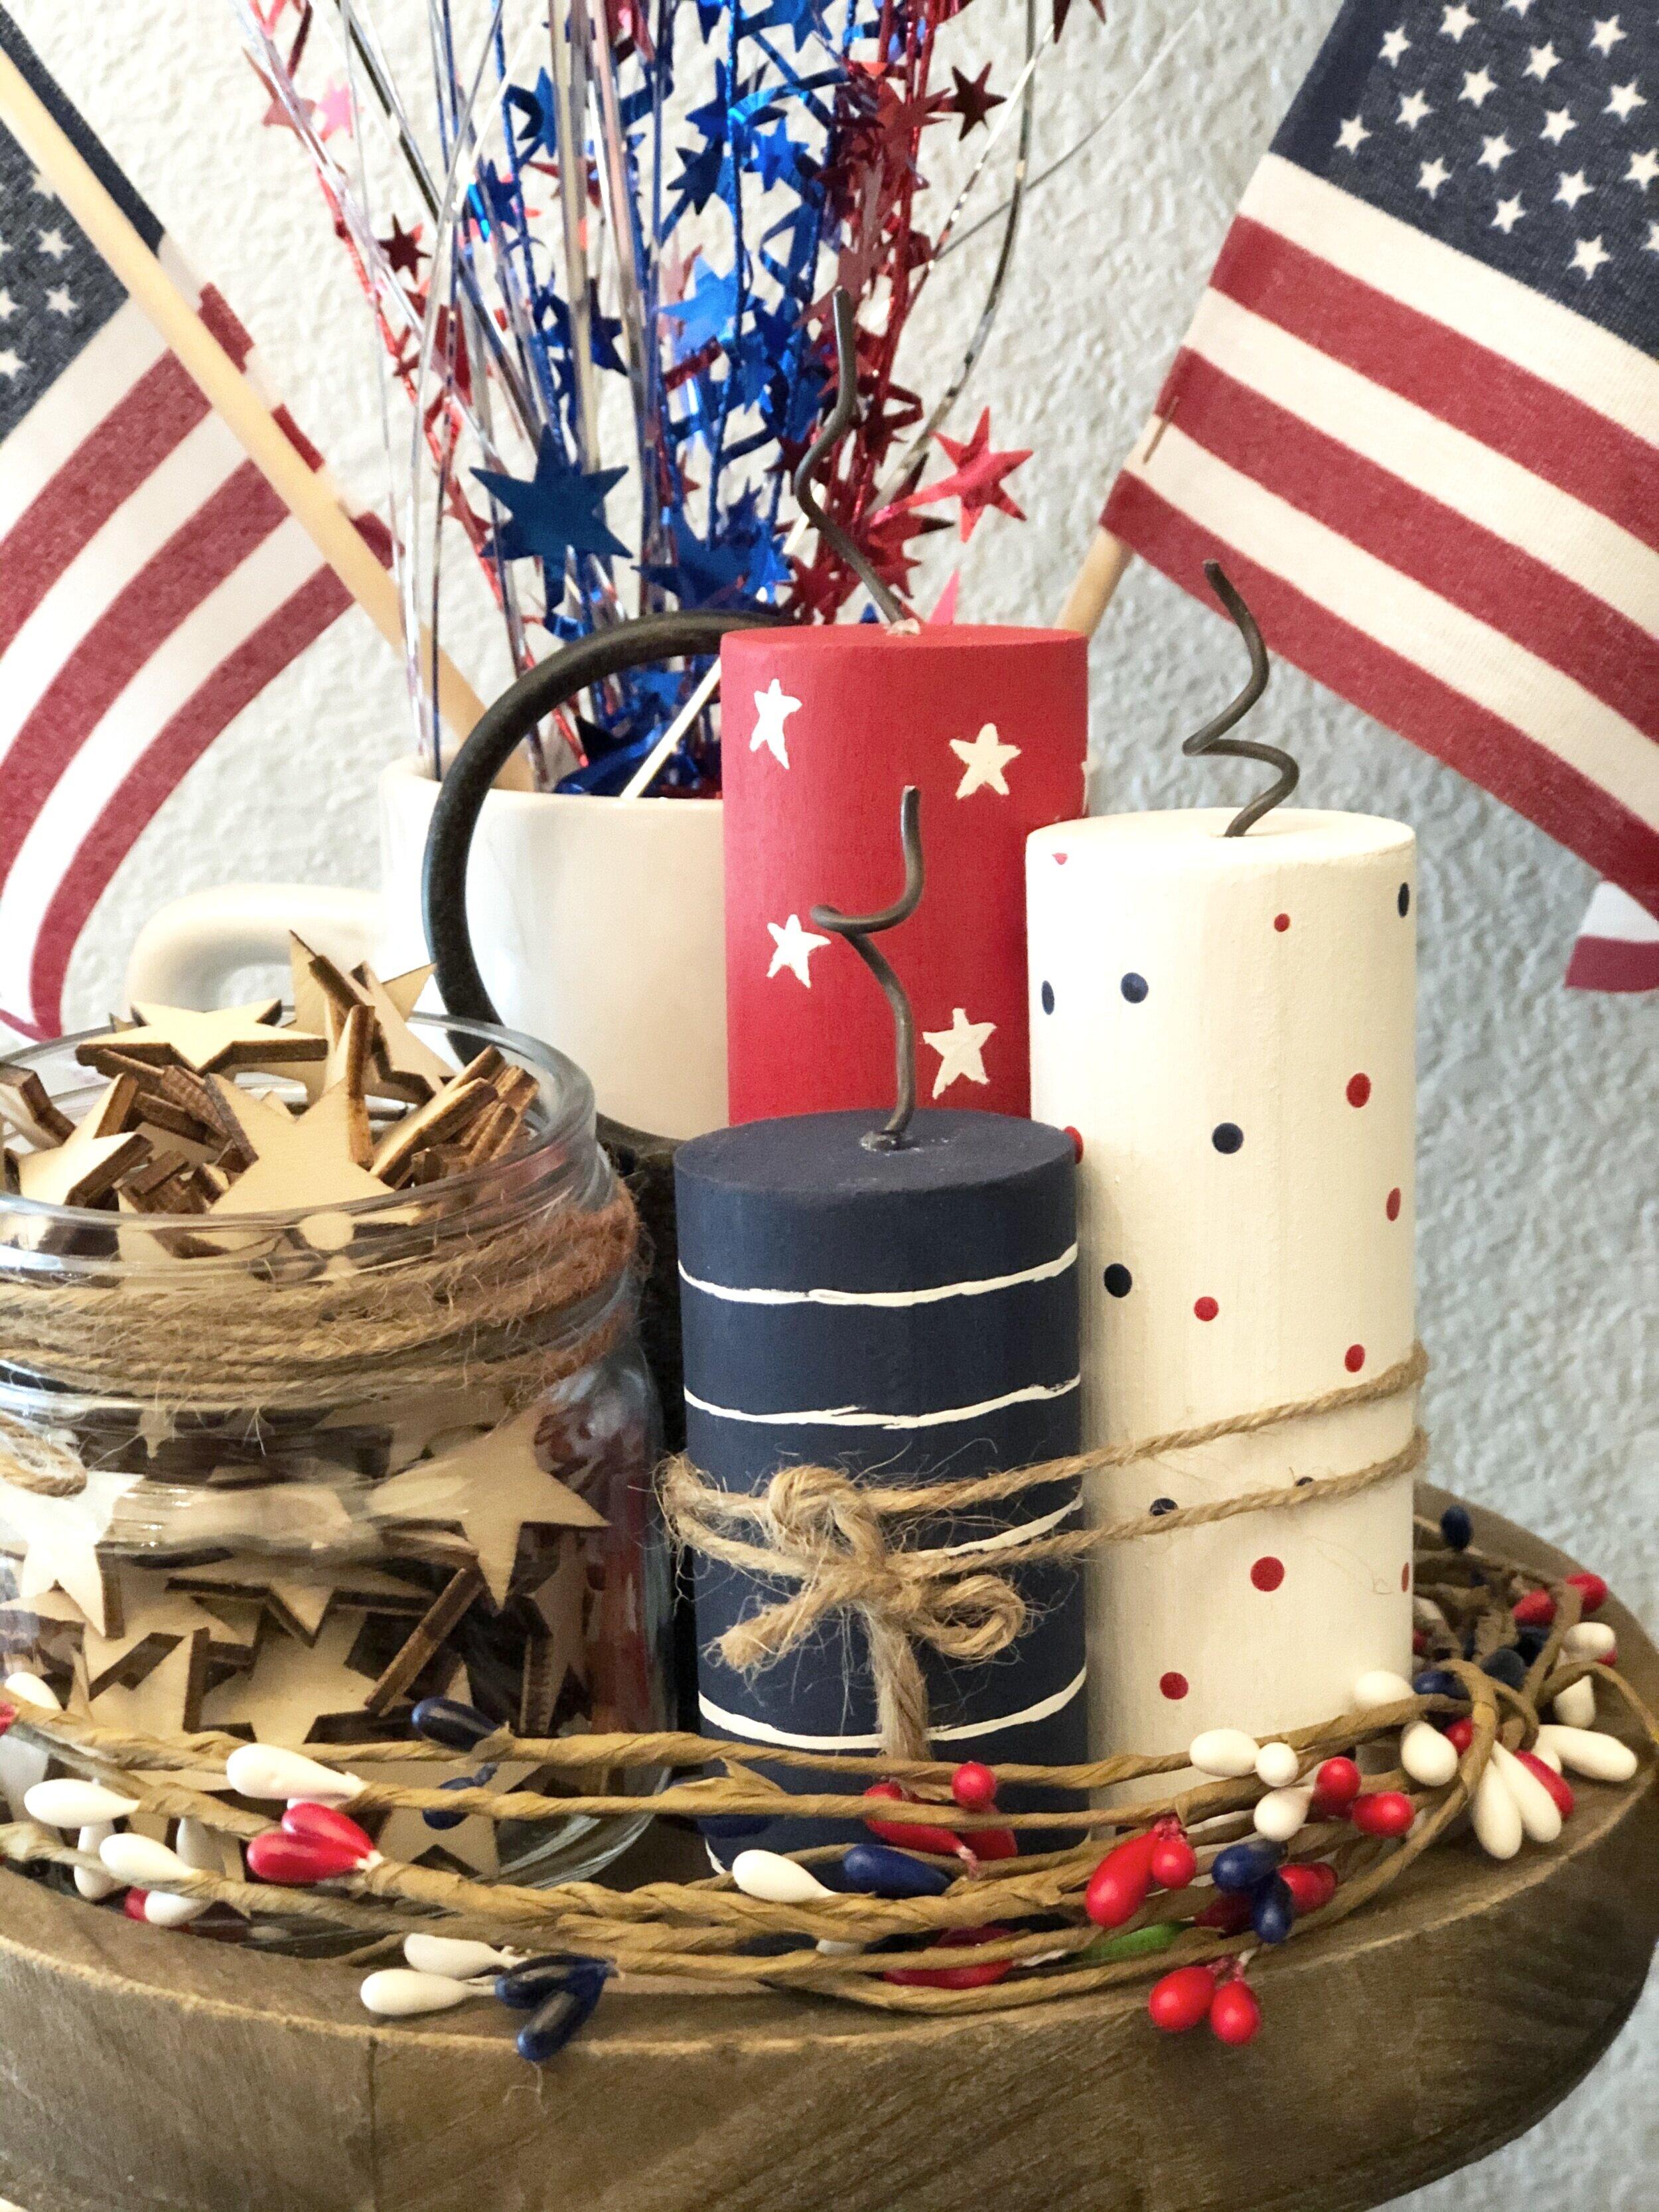 DIY patriotic tiered tray fireworks display